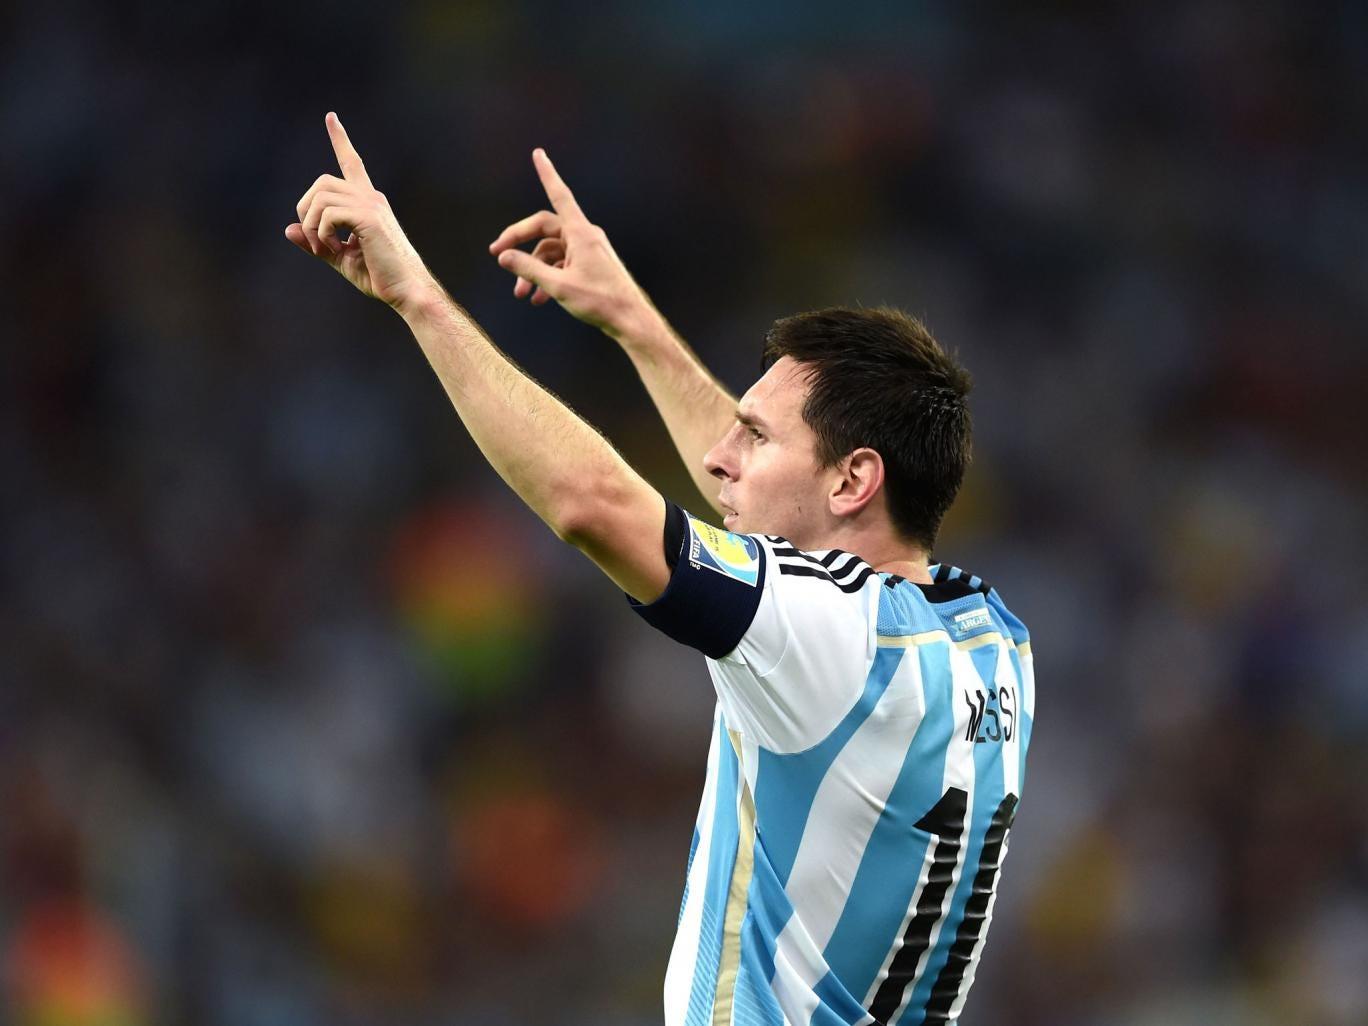 Lionel Messi celebrates scoring Argentina's second goal